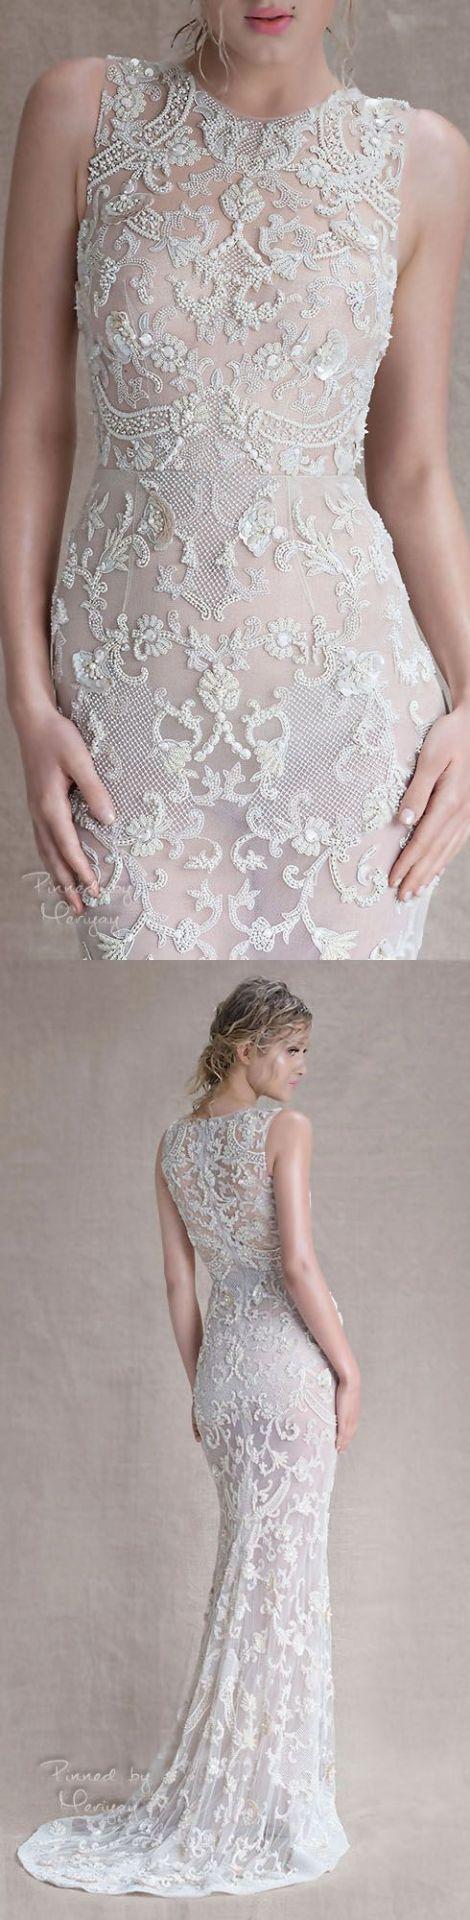 photo d'une robe pour un mariage dans le 40